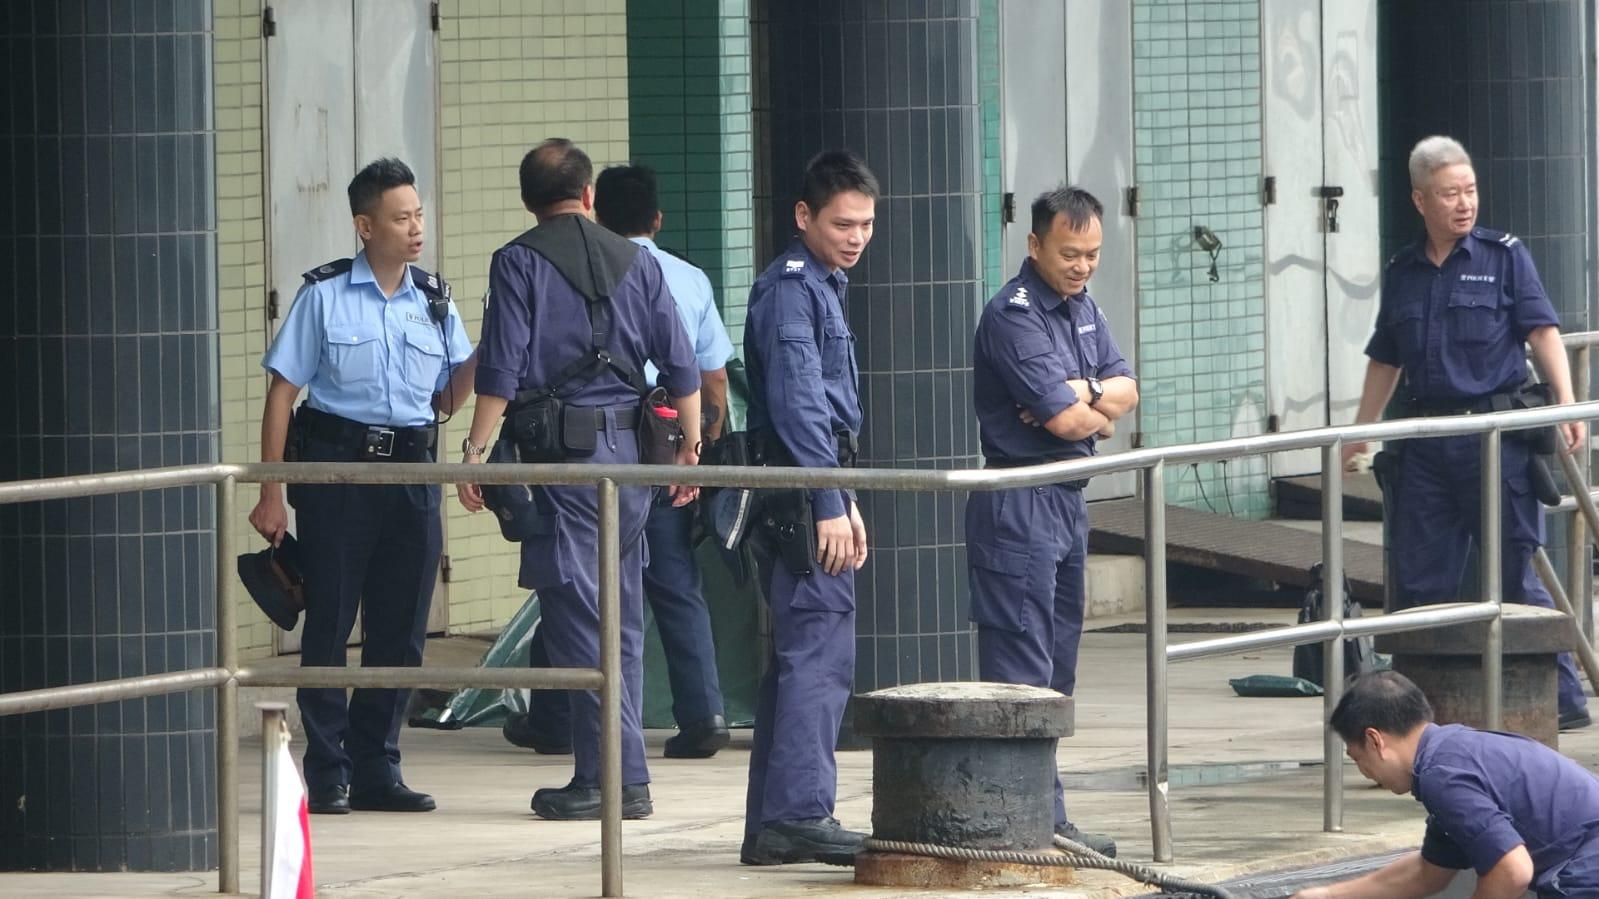 消防船將遺體送往中區政府碼頭。